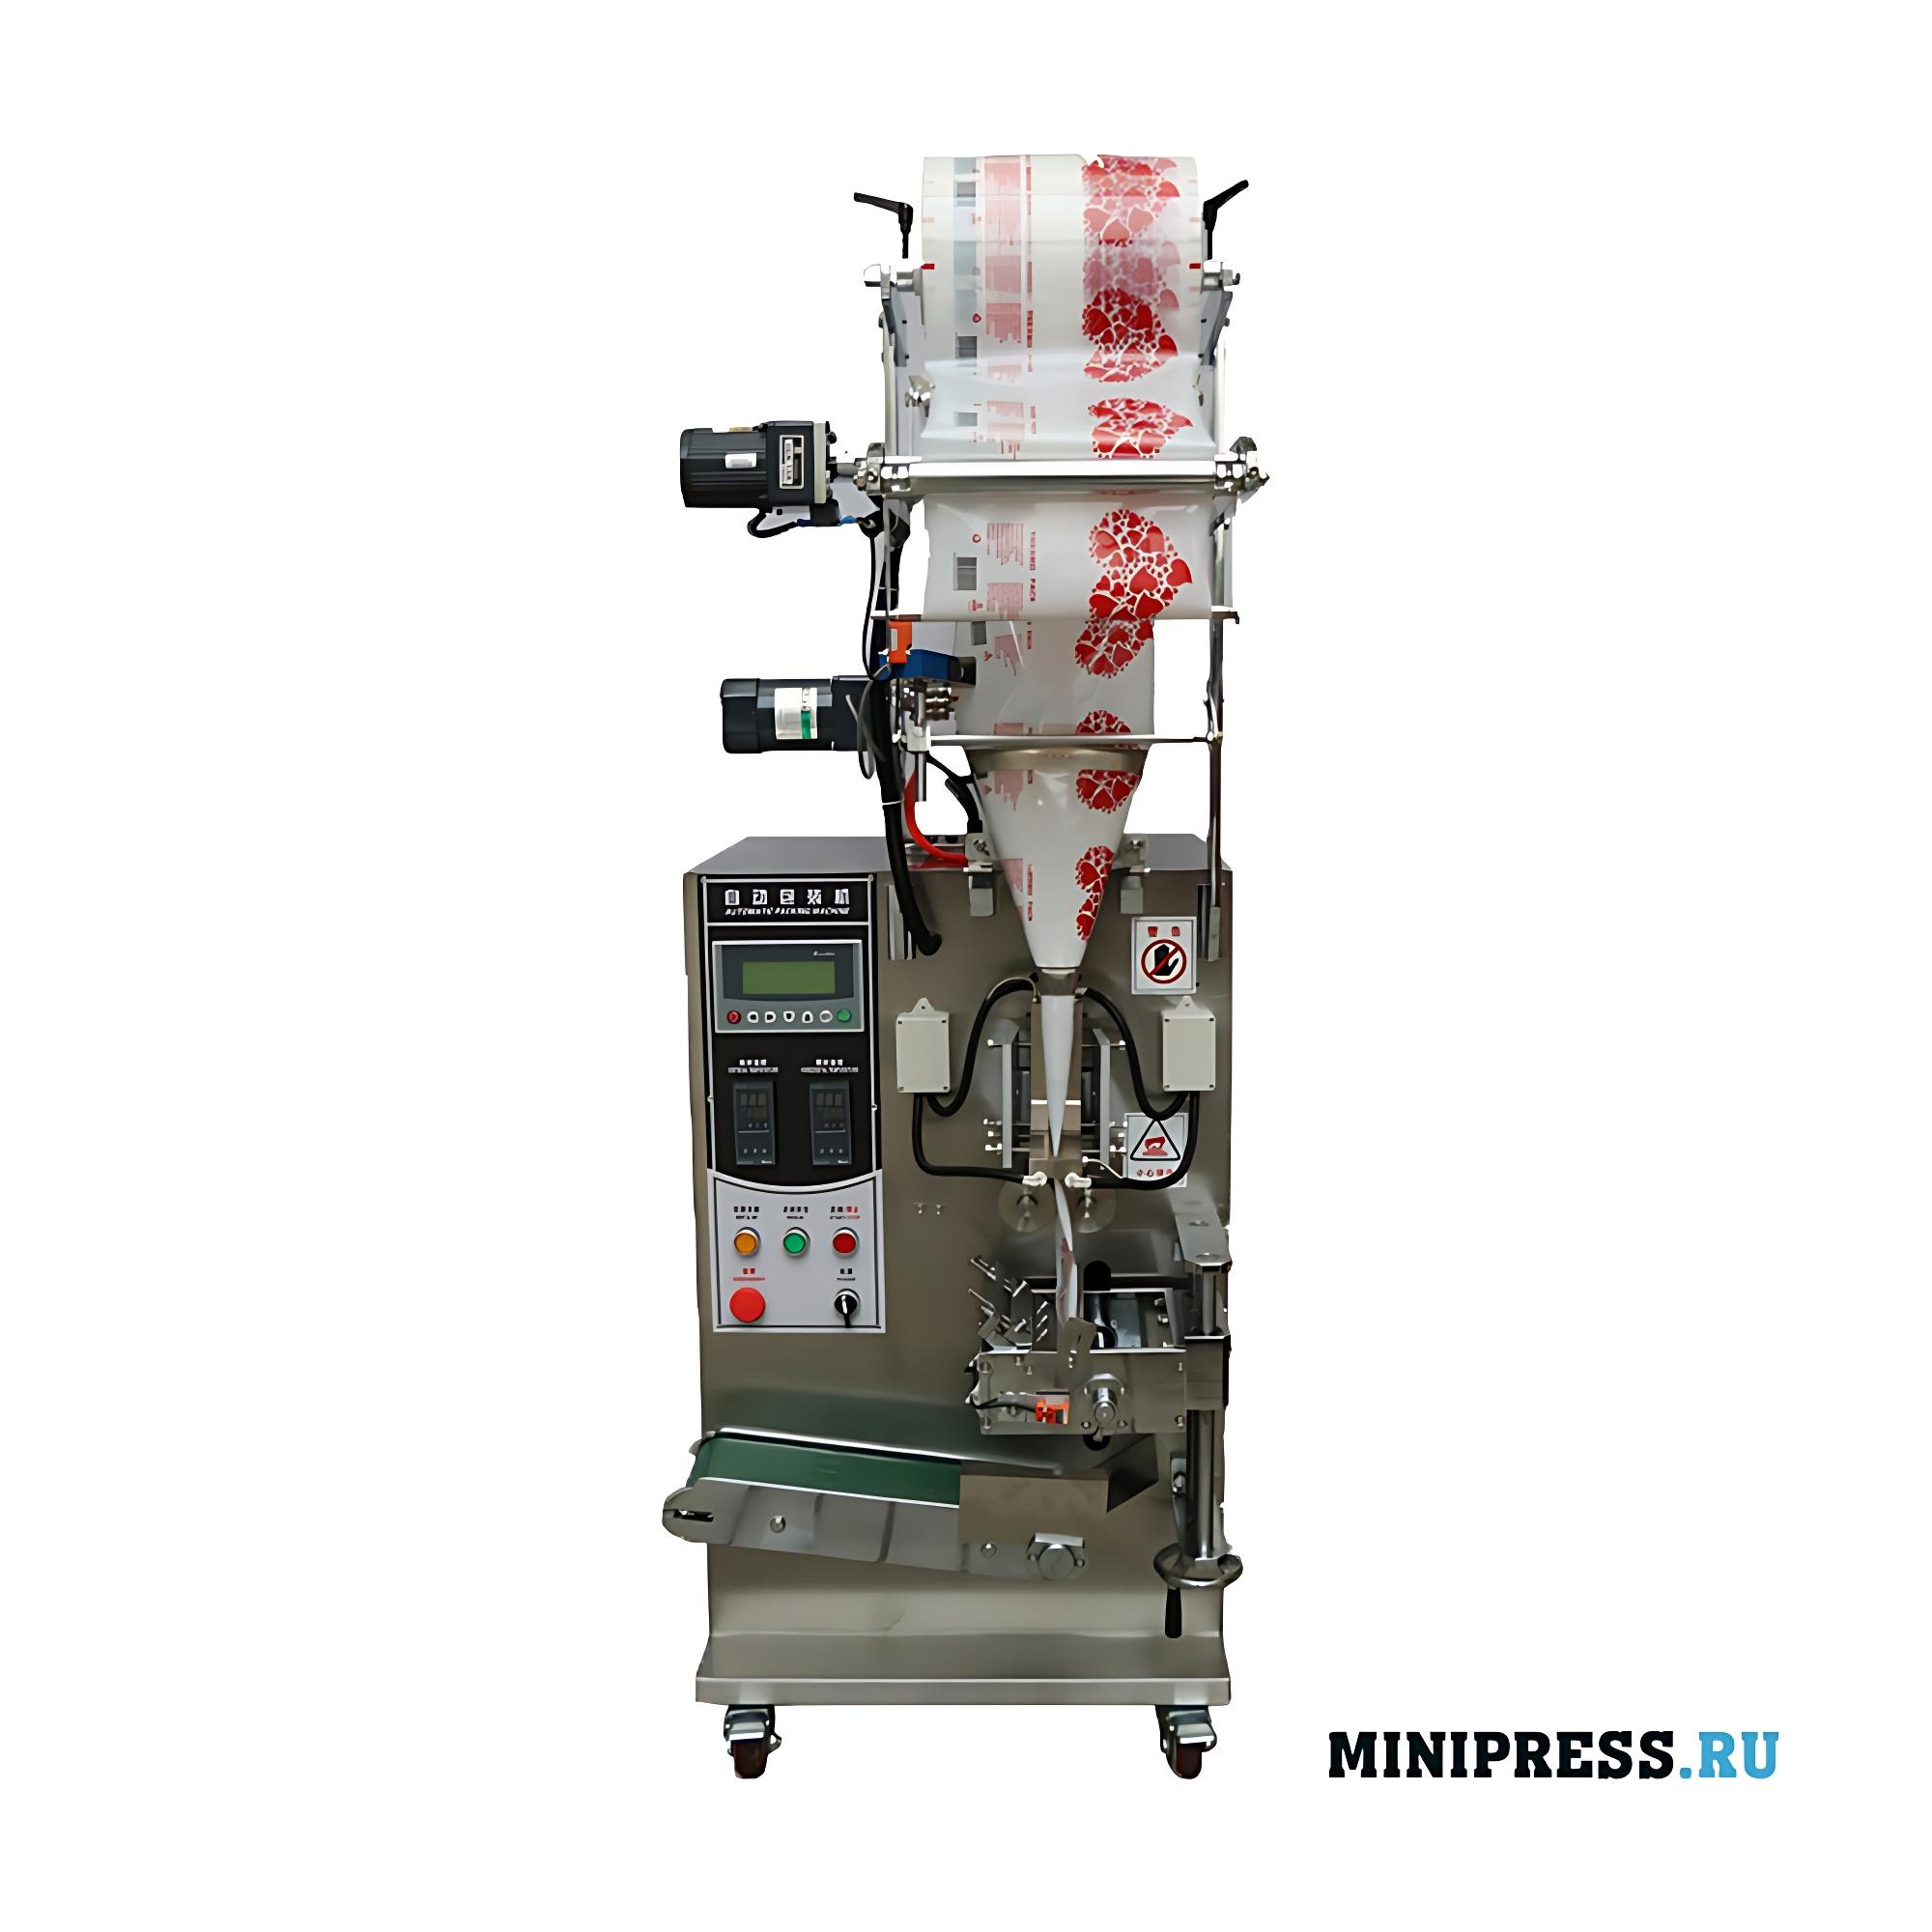 Автоматическое оборудование для розлива и герметизации жидкостей и вязких веществ